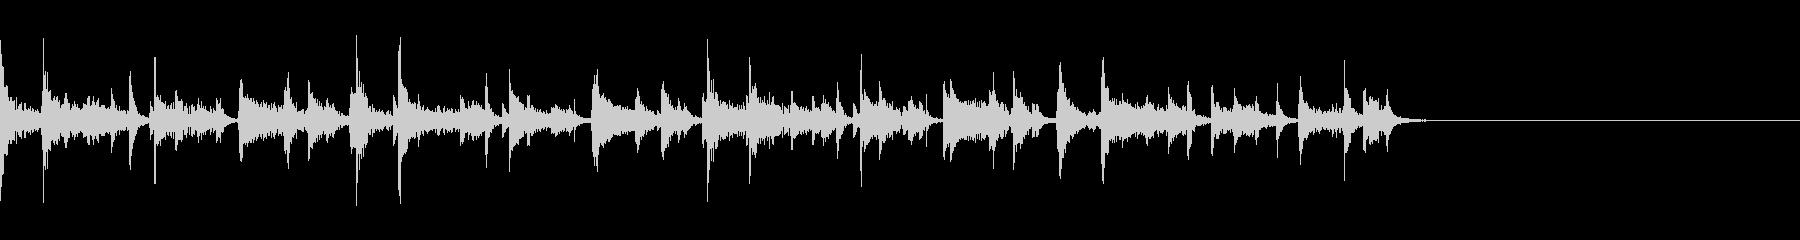 ボサノヴァなシンキングタイム音の未再生の波形